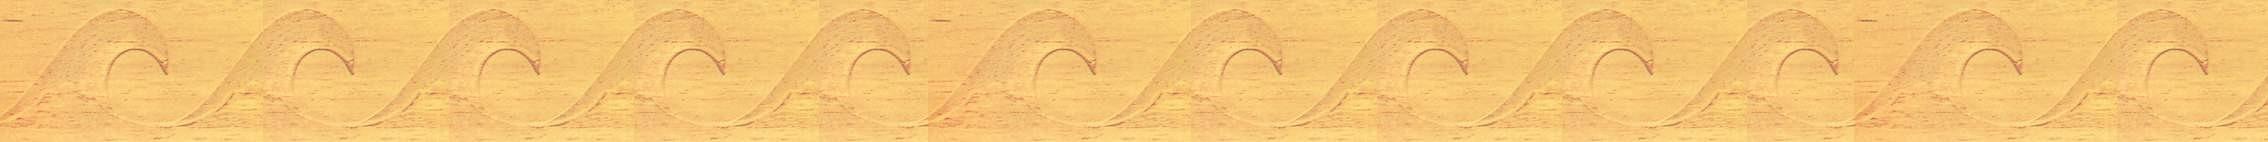 木线贴图素材的图片【638】